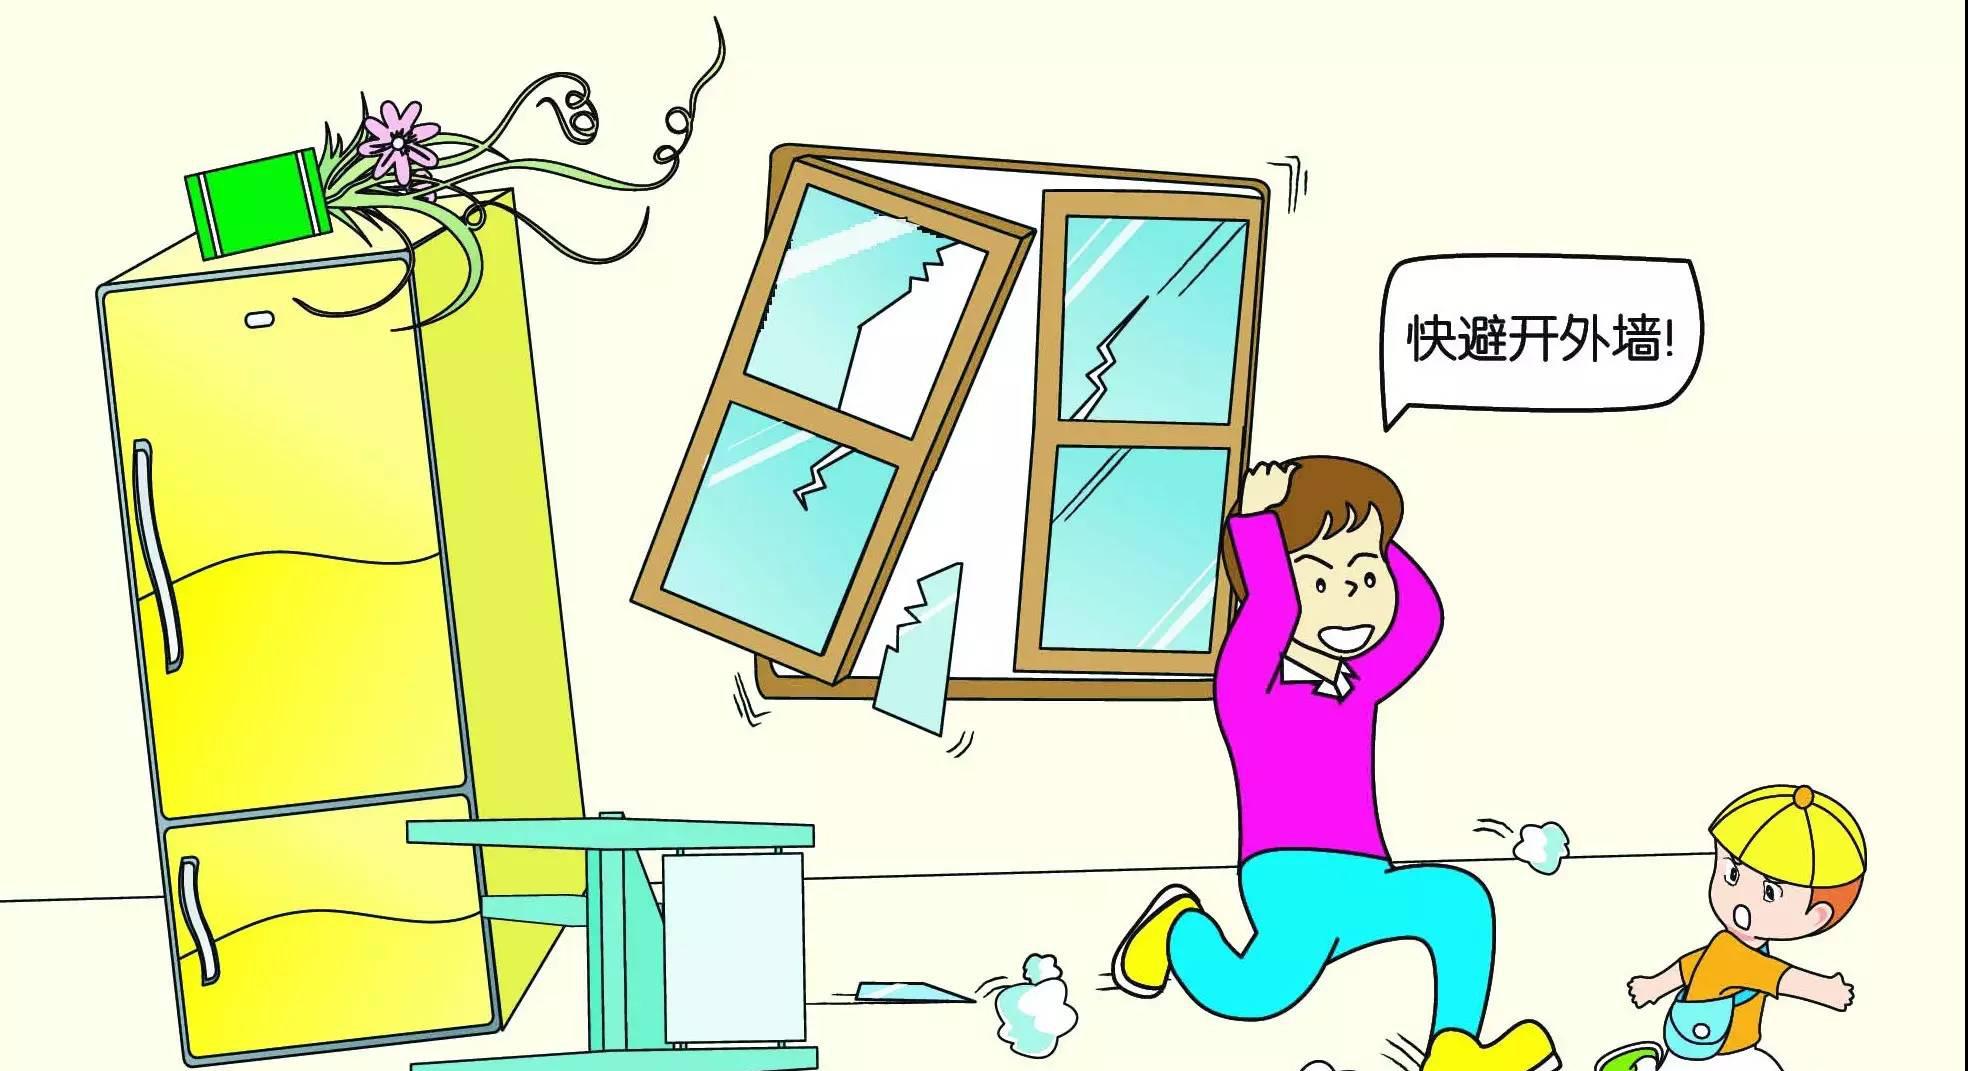 动画丨地震了!身在楼房,不要慌,躲避有技巧!